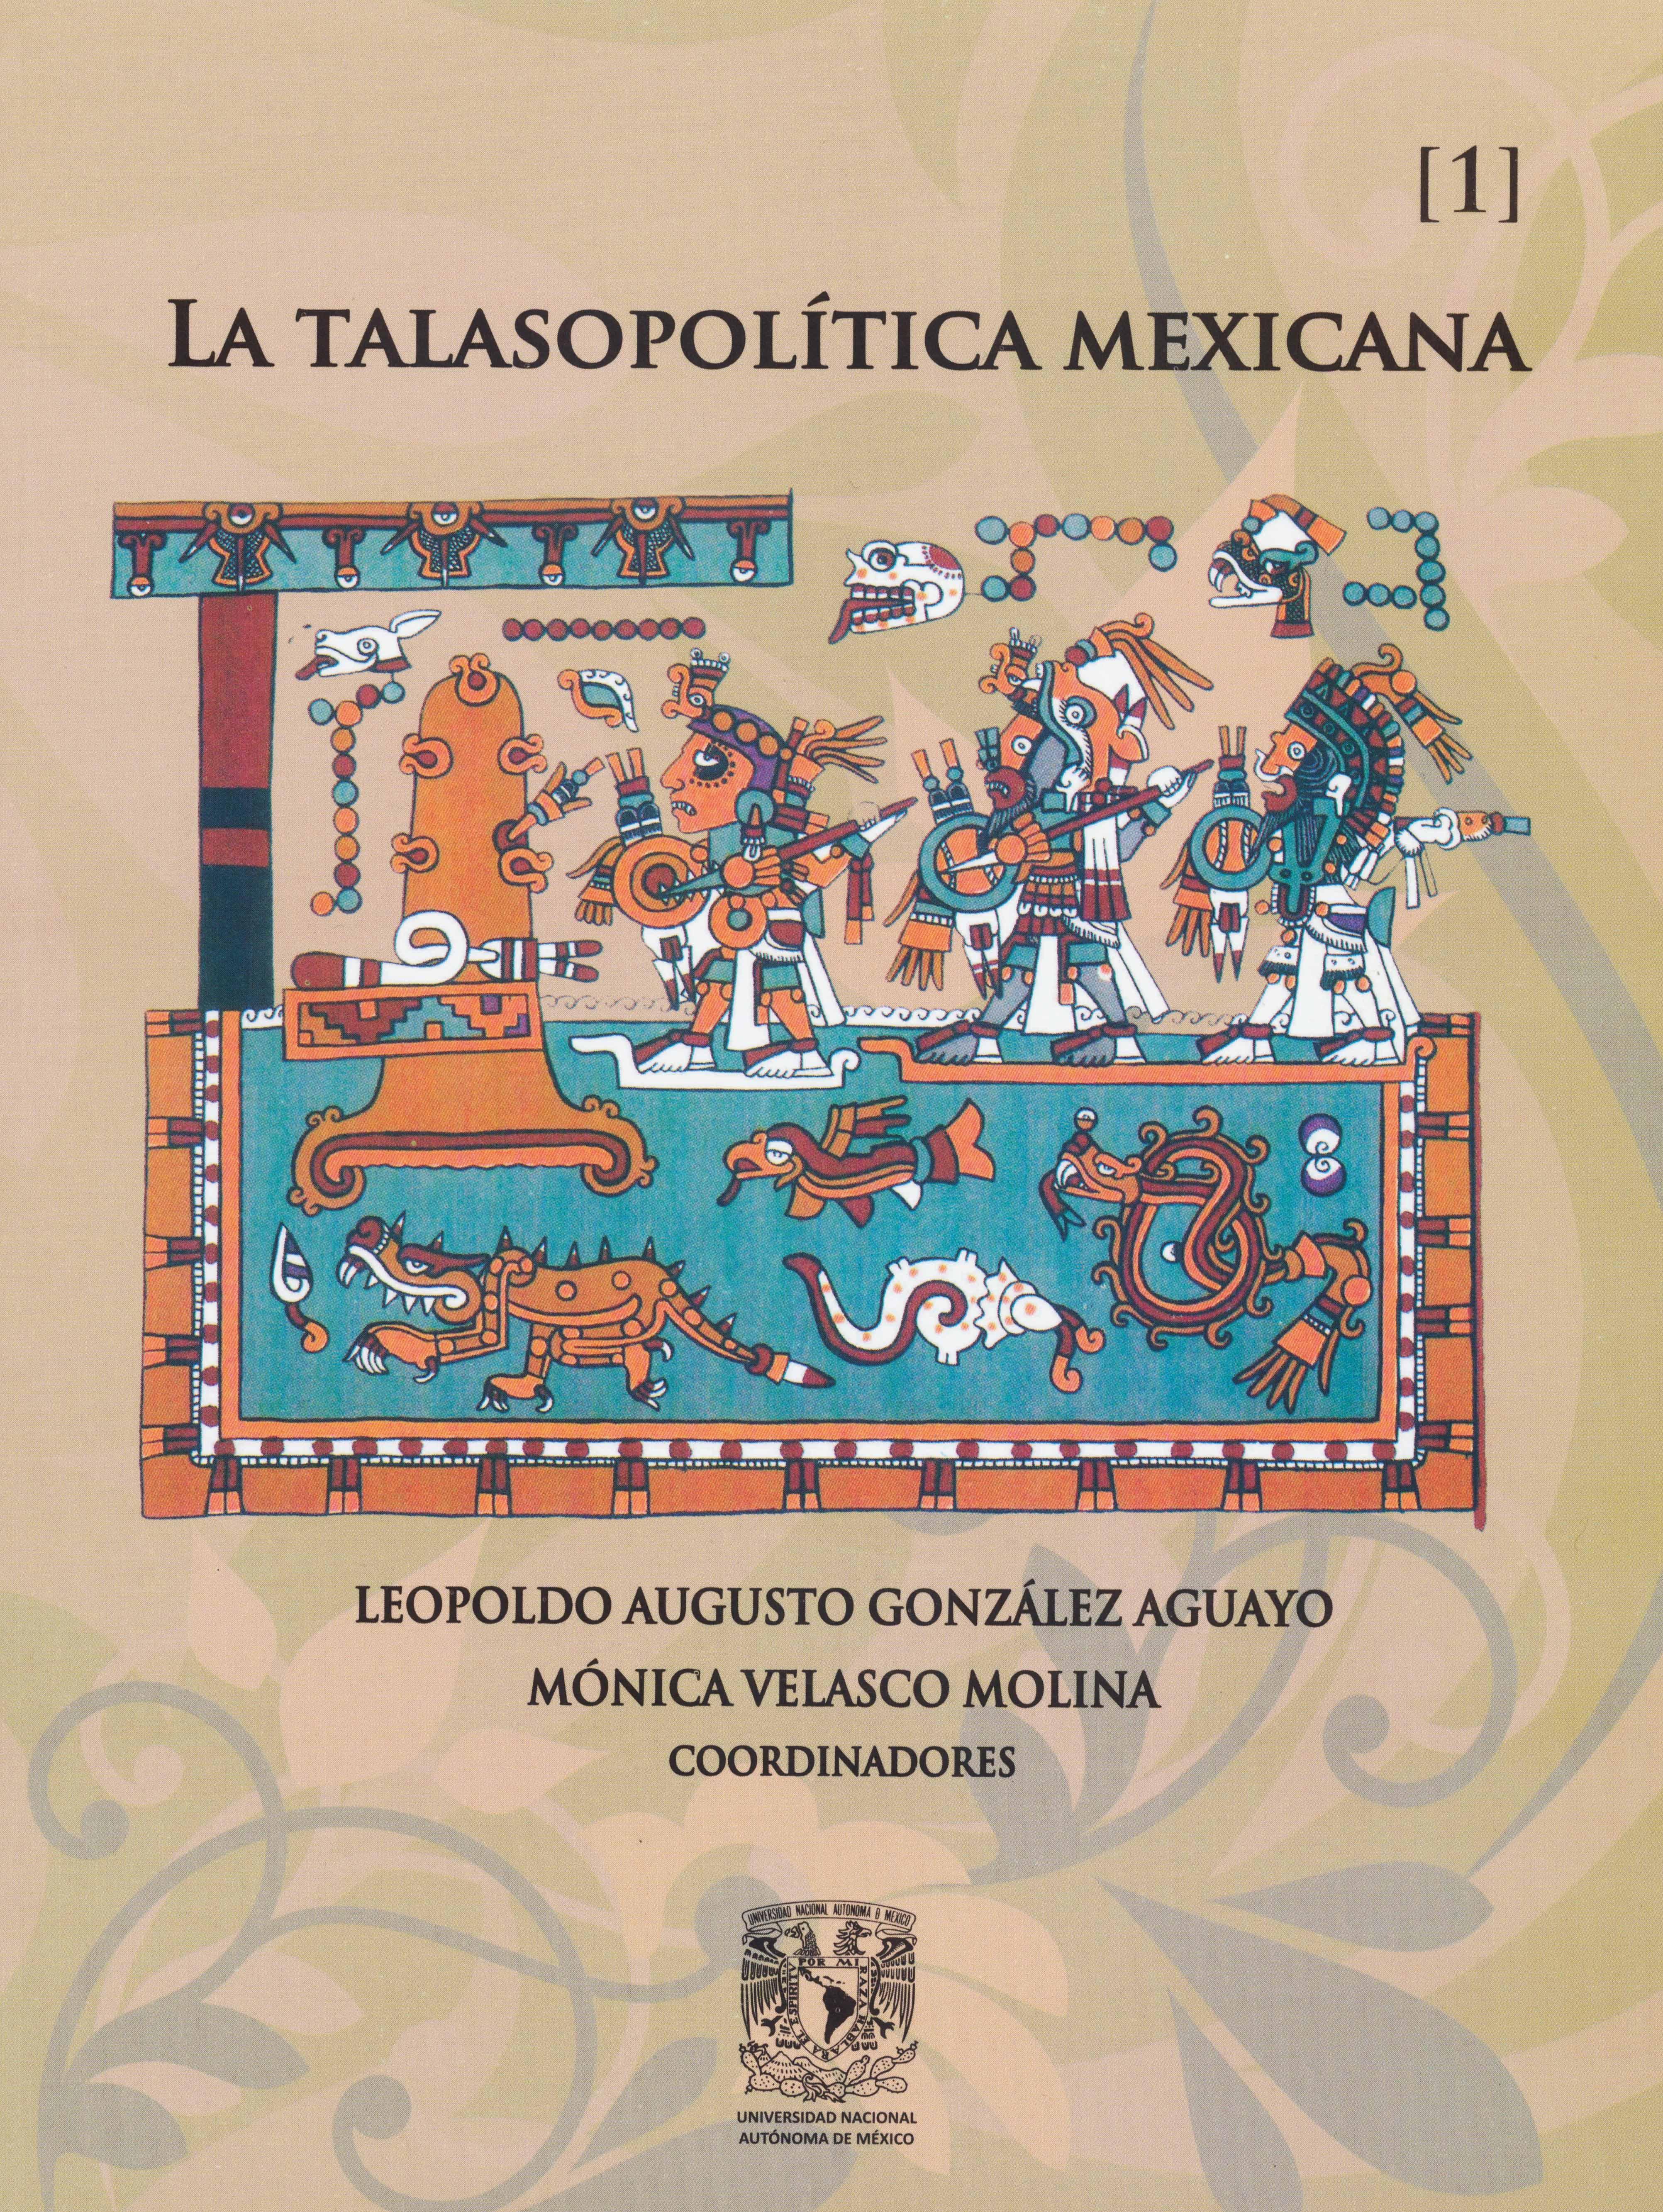 La talasopolítica mexicana 1